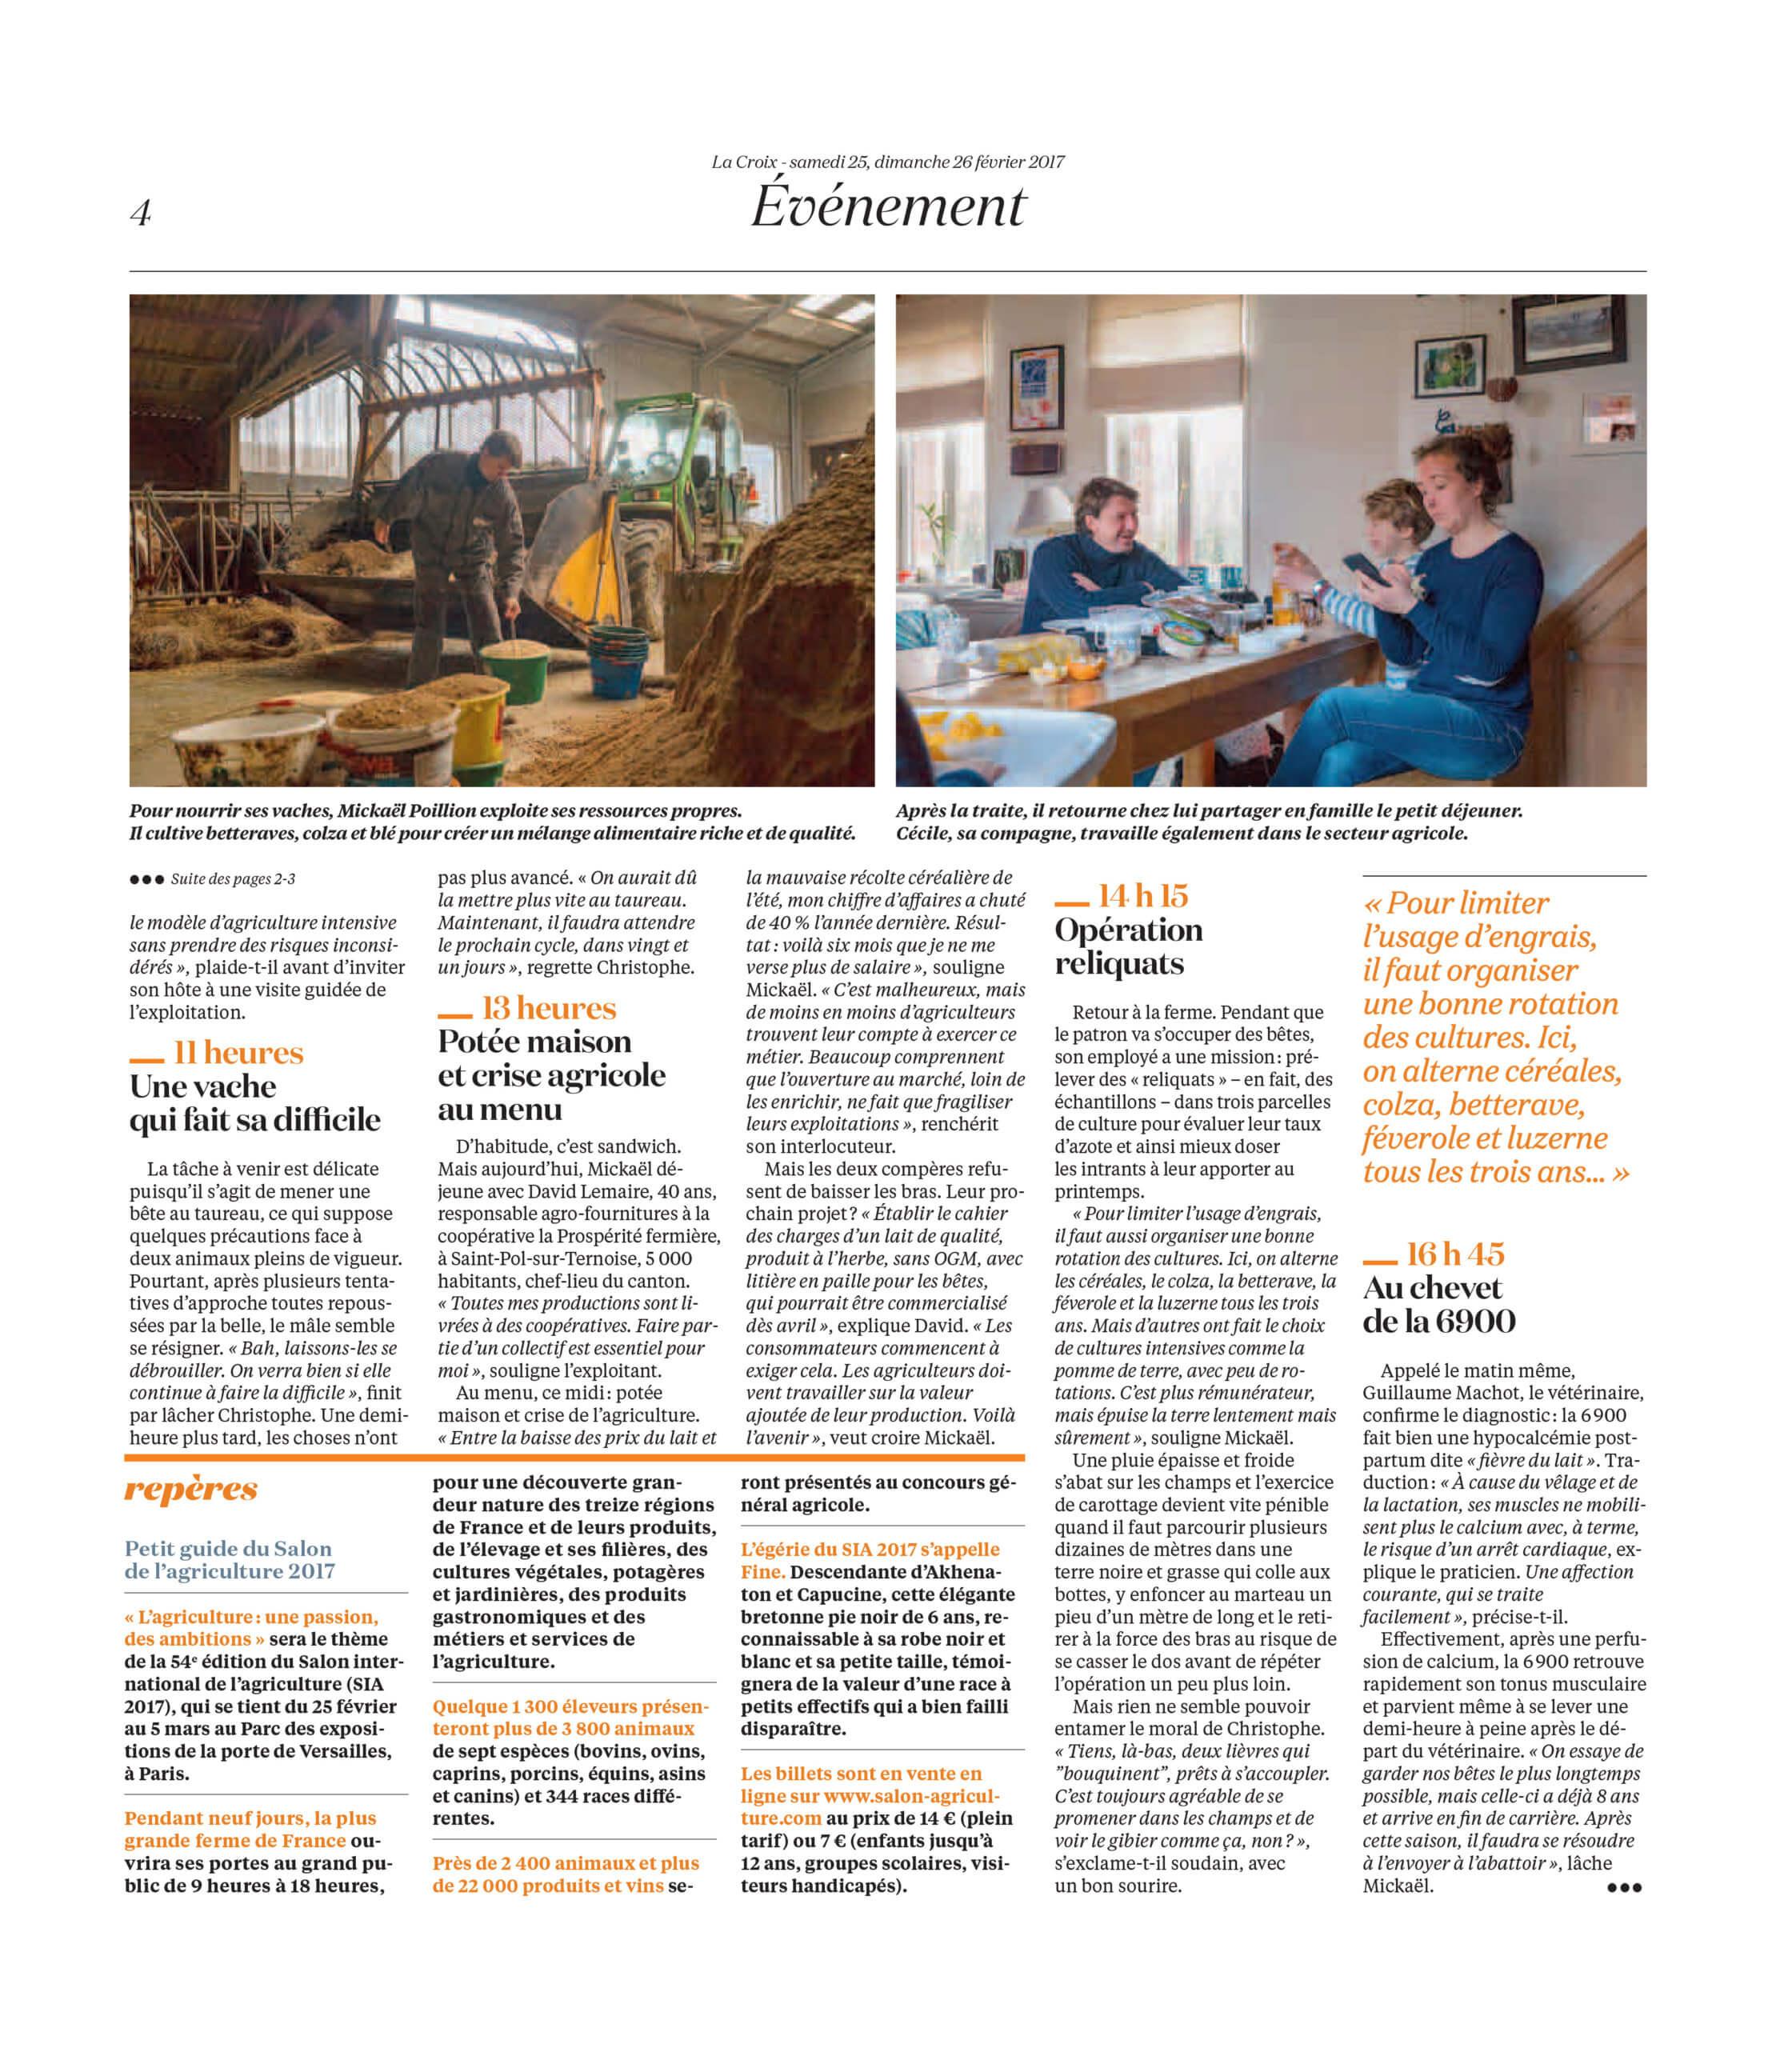 La Vie d'une ferme au fil du jour : La Croix (2017) - page 3